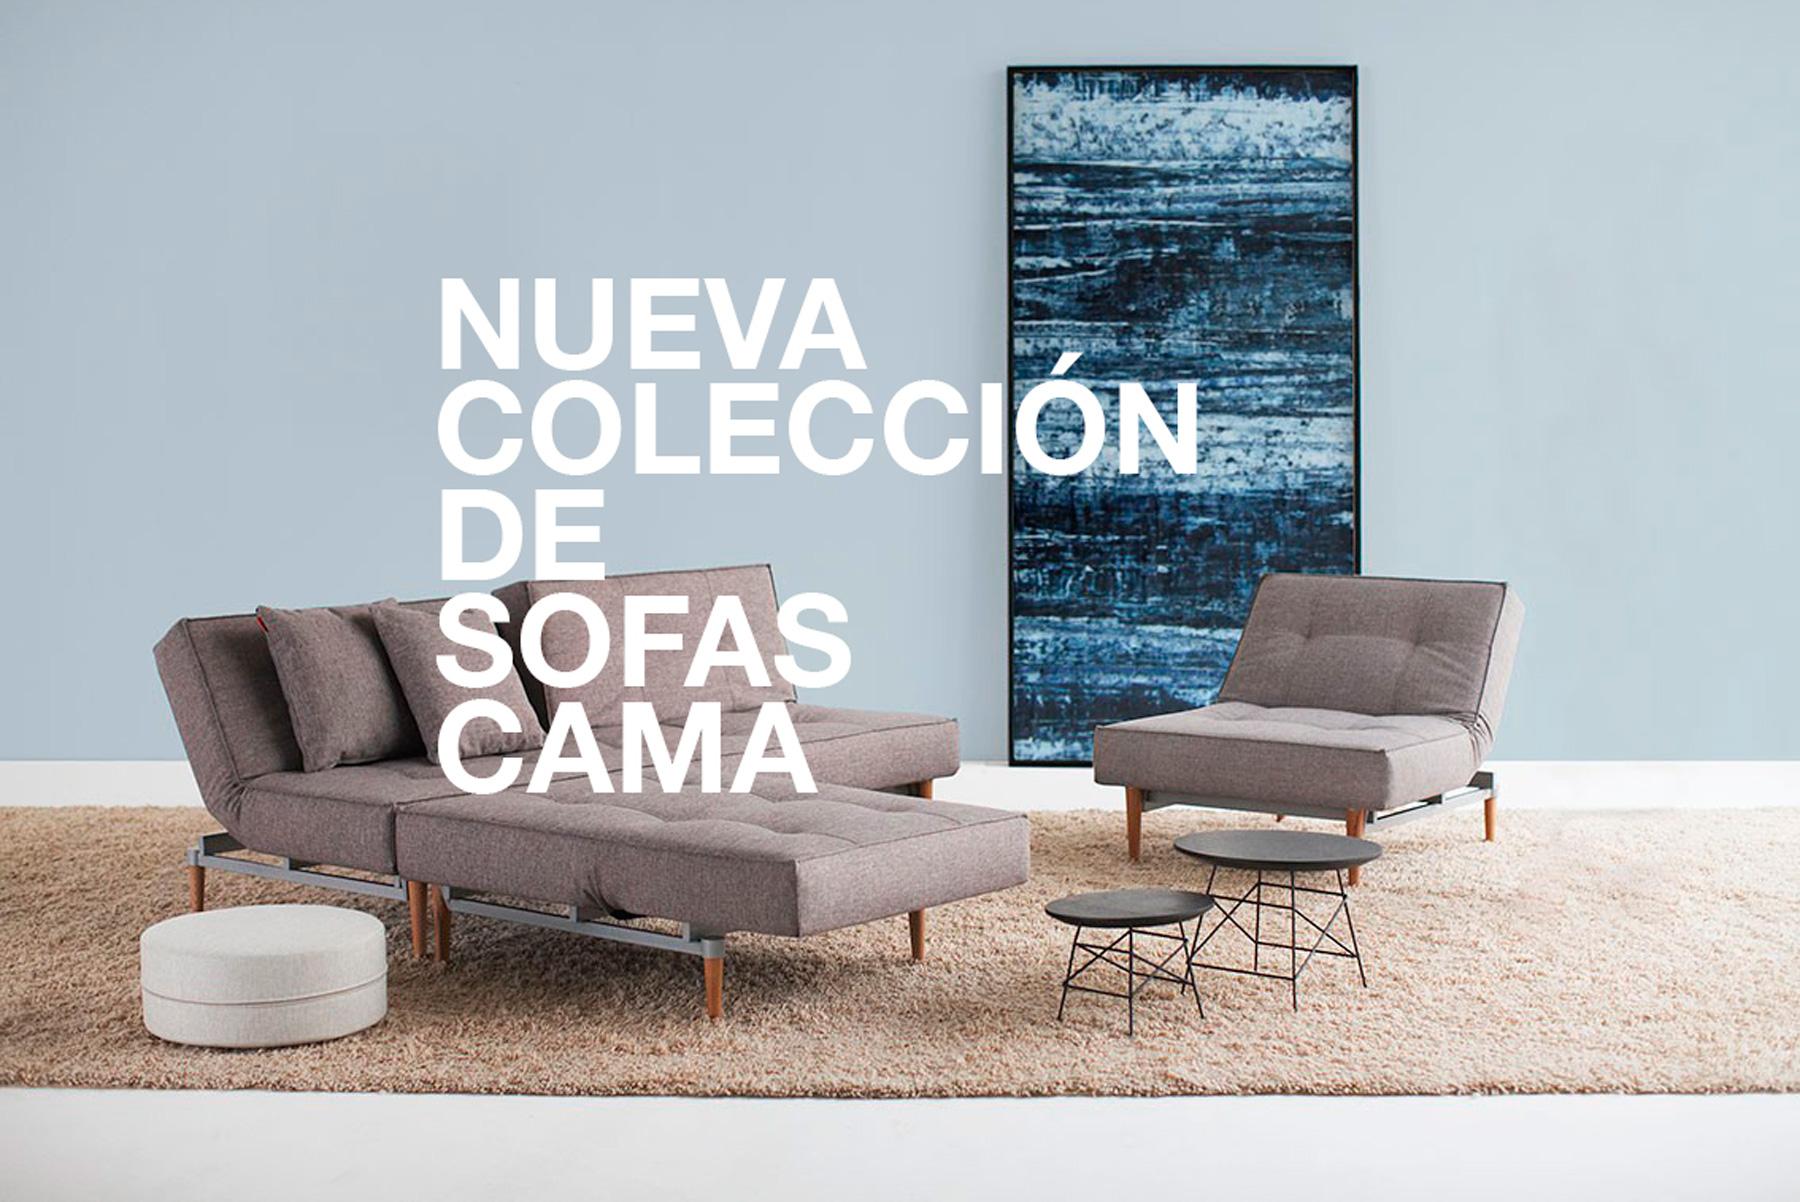 Nueva colección de sofás cama by Per Weiss | alvaluz.com